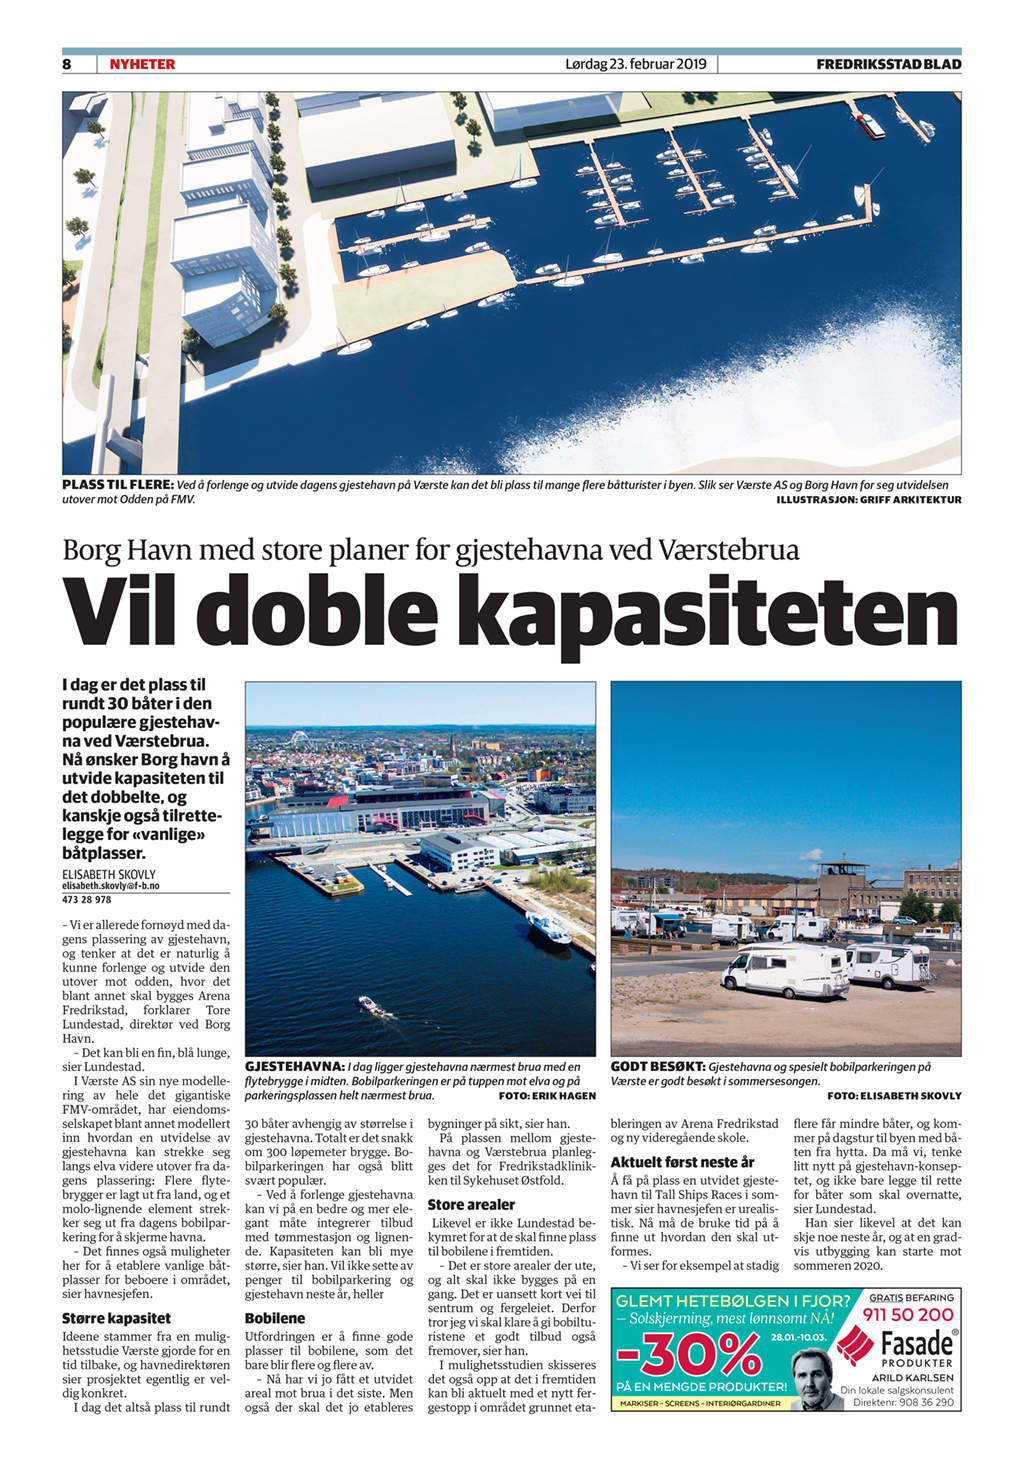 2019-02-23-FB,-Gjestehavna---Vil-doble-kapasiteten.jpg